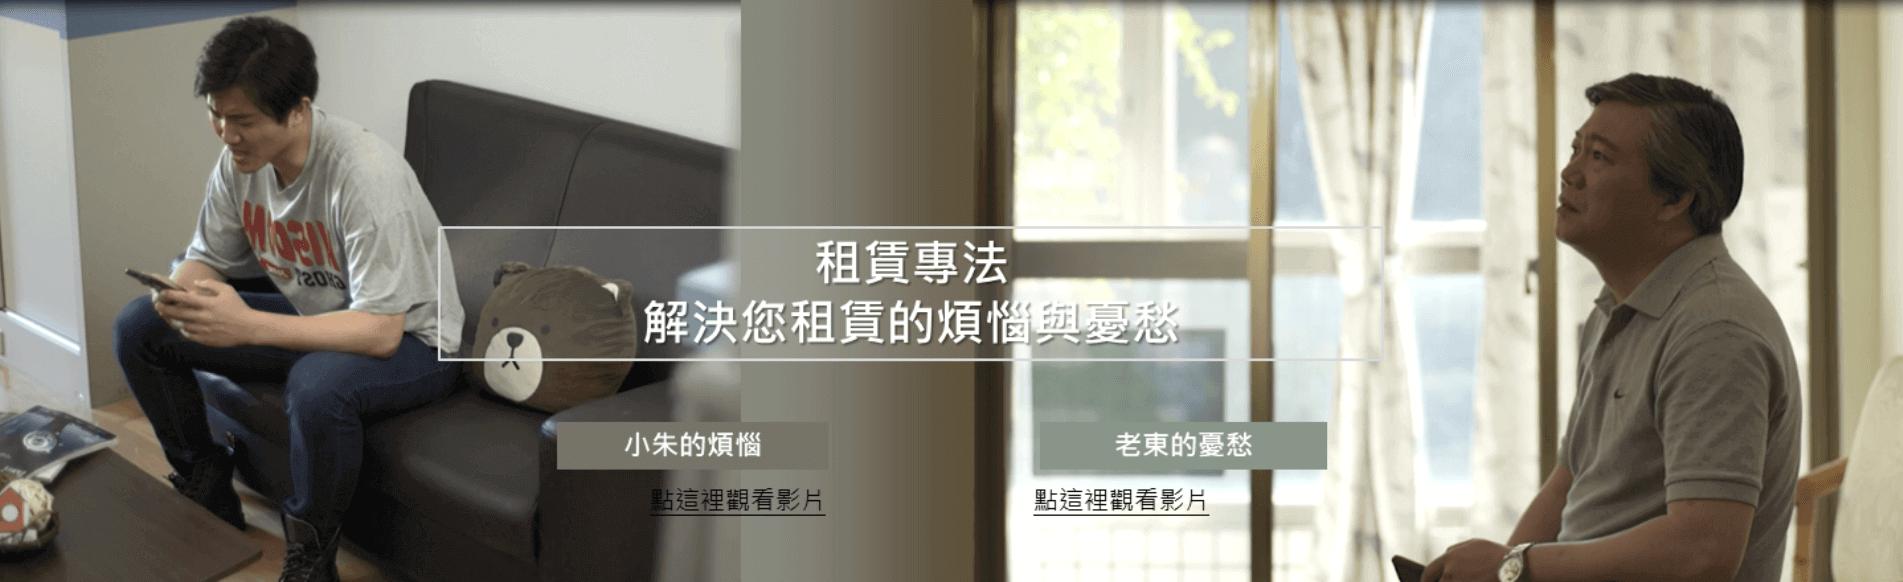 租賃專法宣導影片-小朱的煩惱